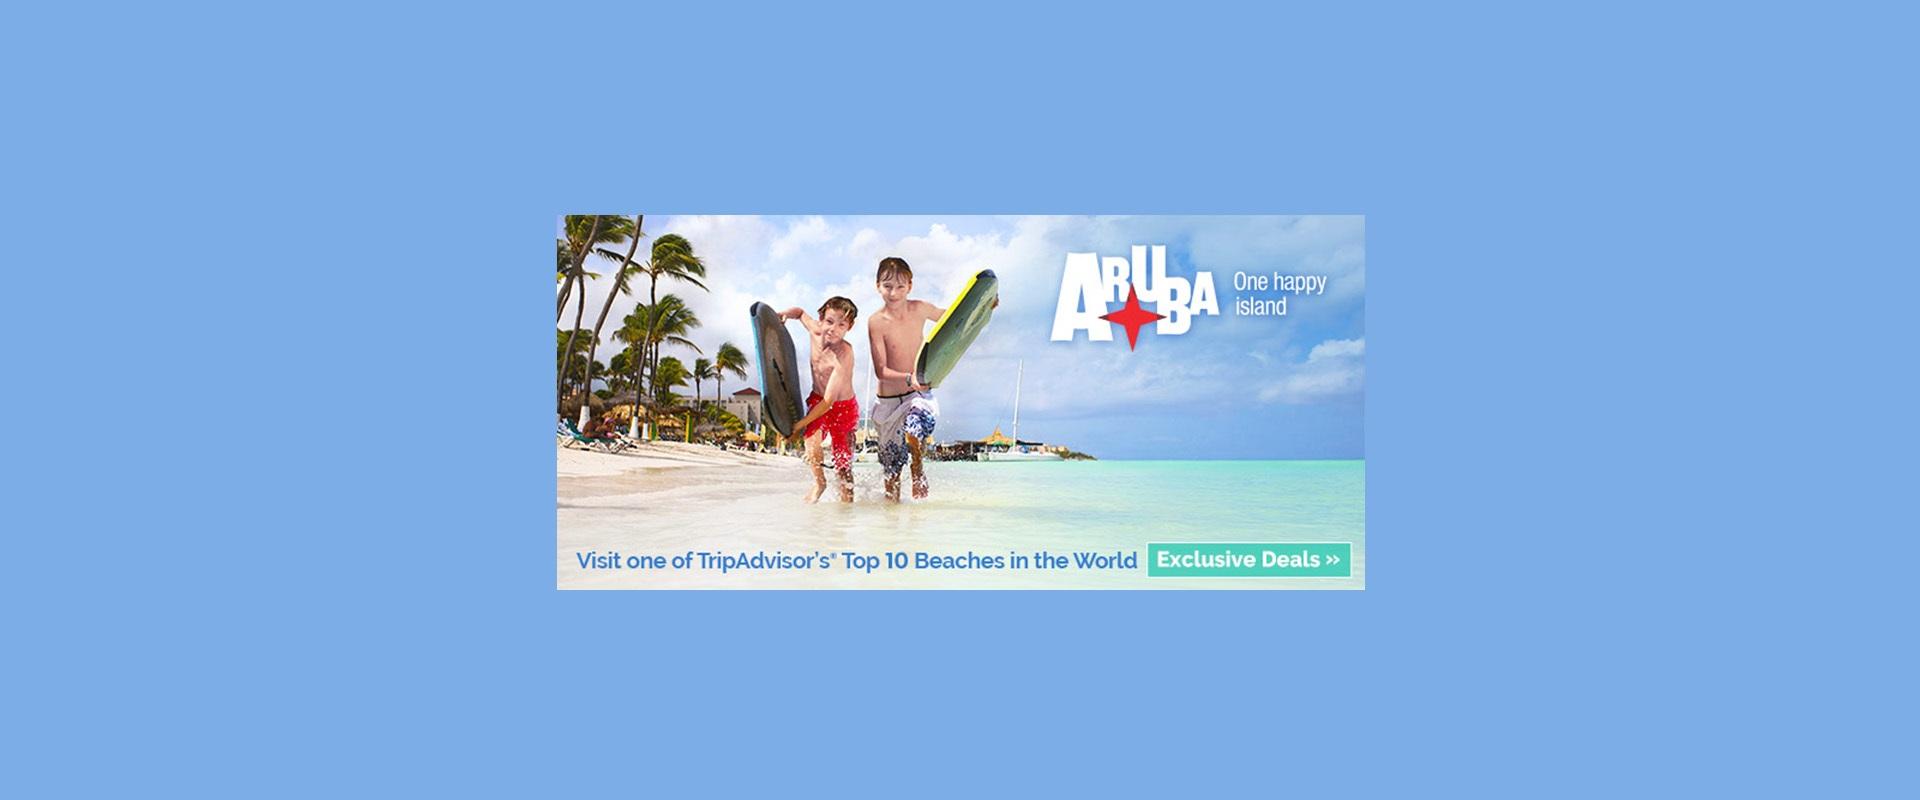 Aruba-Header